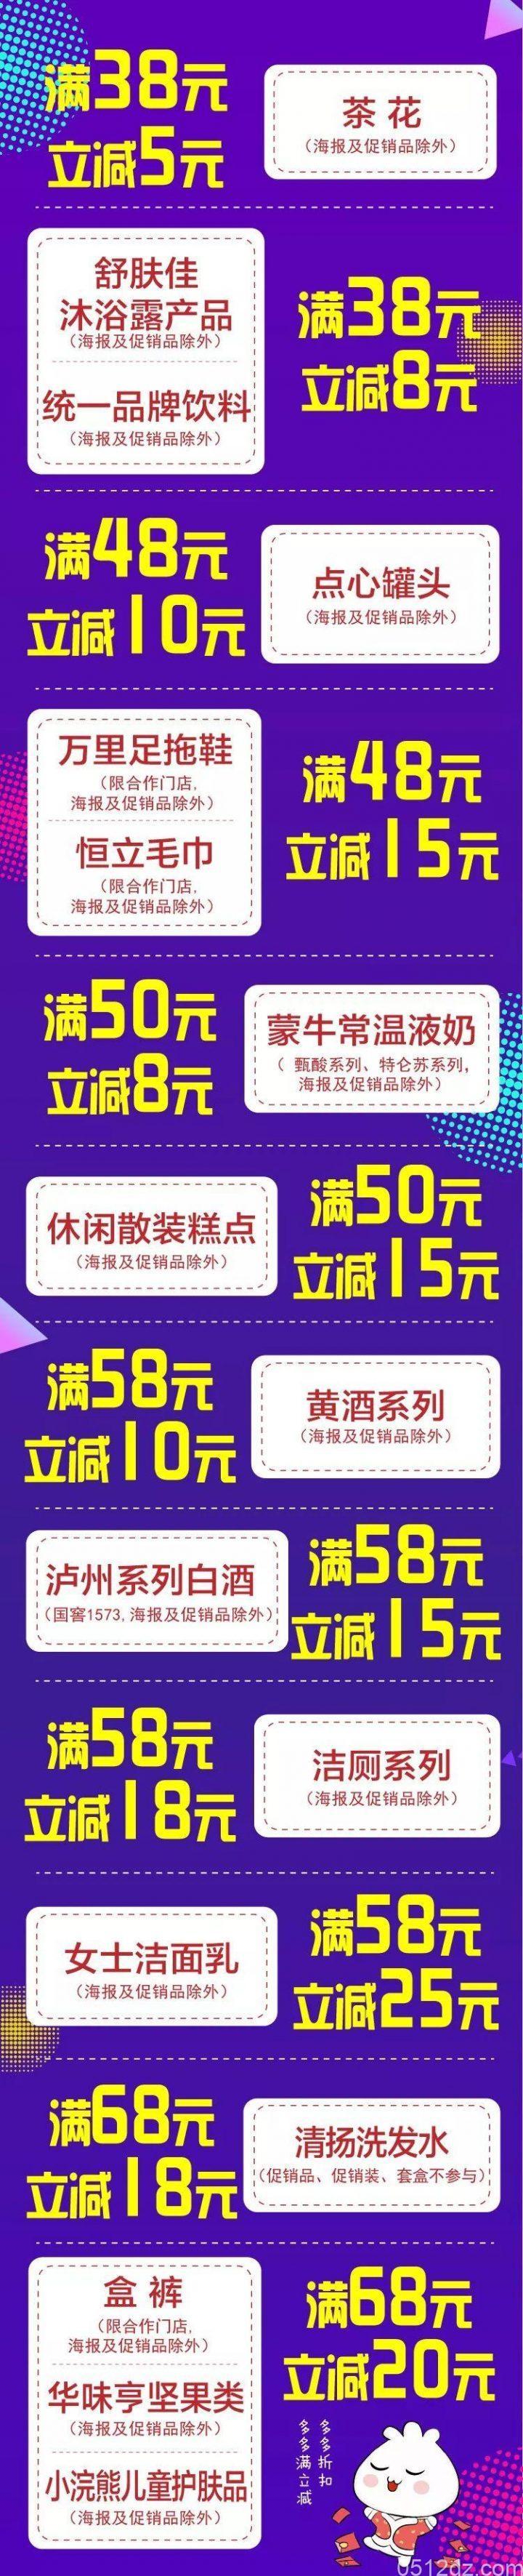 永辉超市8周年上市庆,邀您举杯同嗨